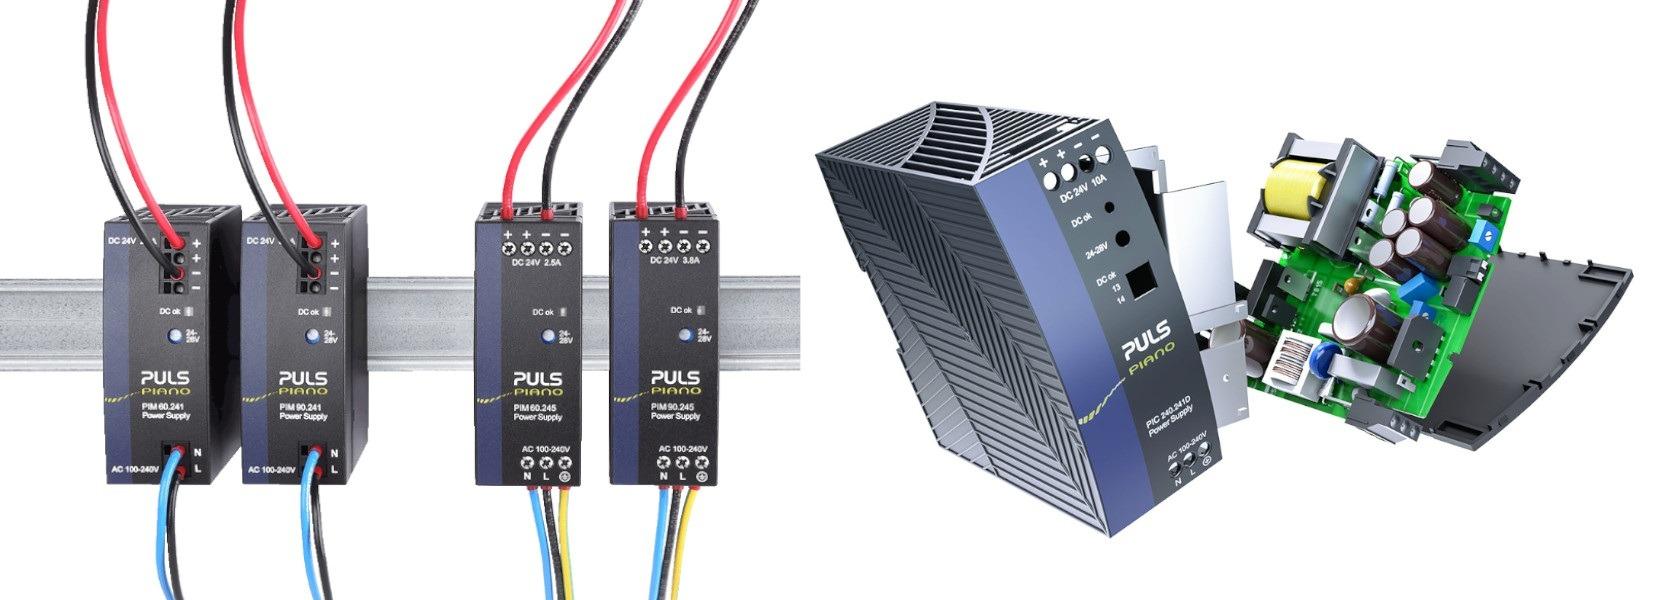 Kompaktni izvori napajanja od 36W, 60W i 90W s osnovnom funkcionalnošću